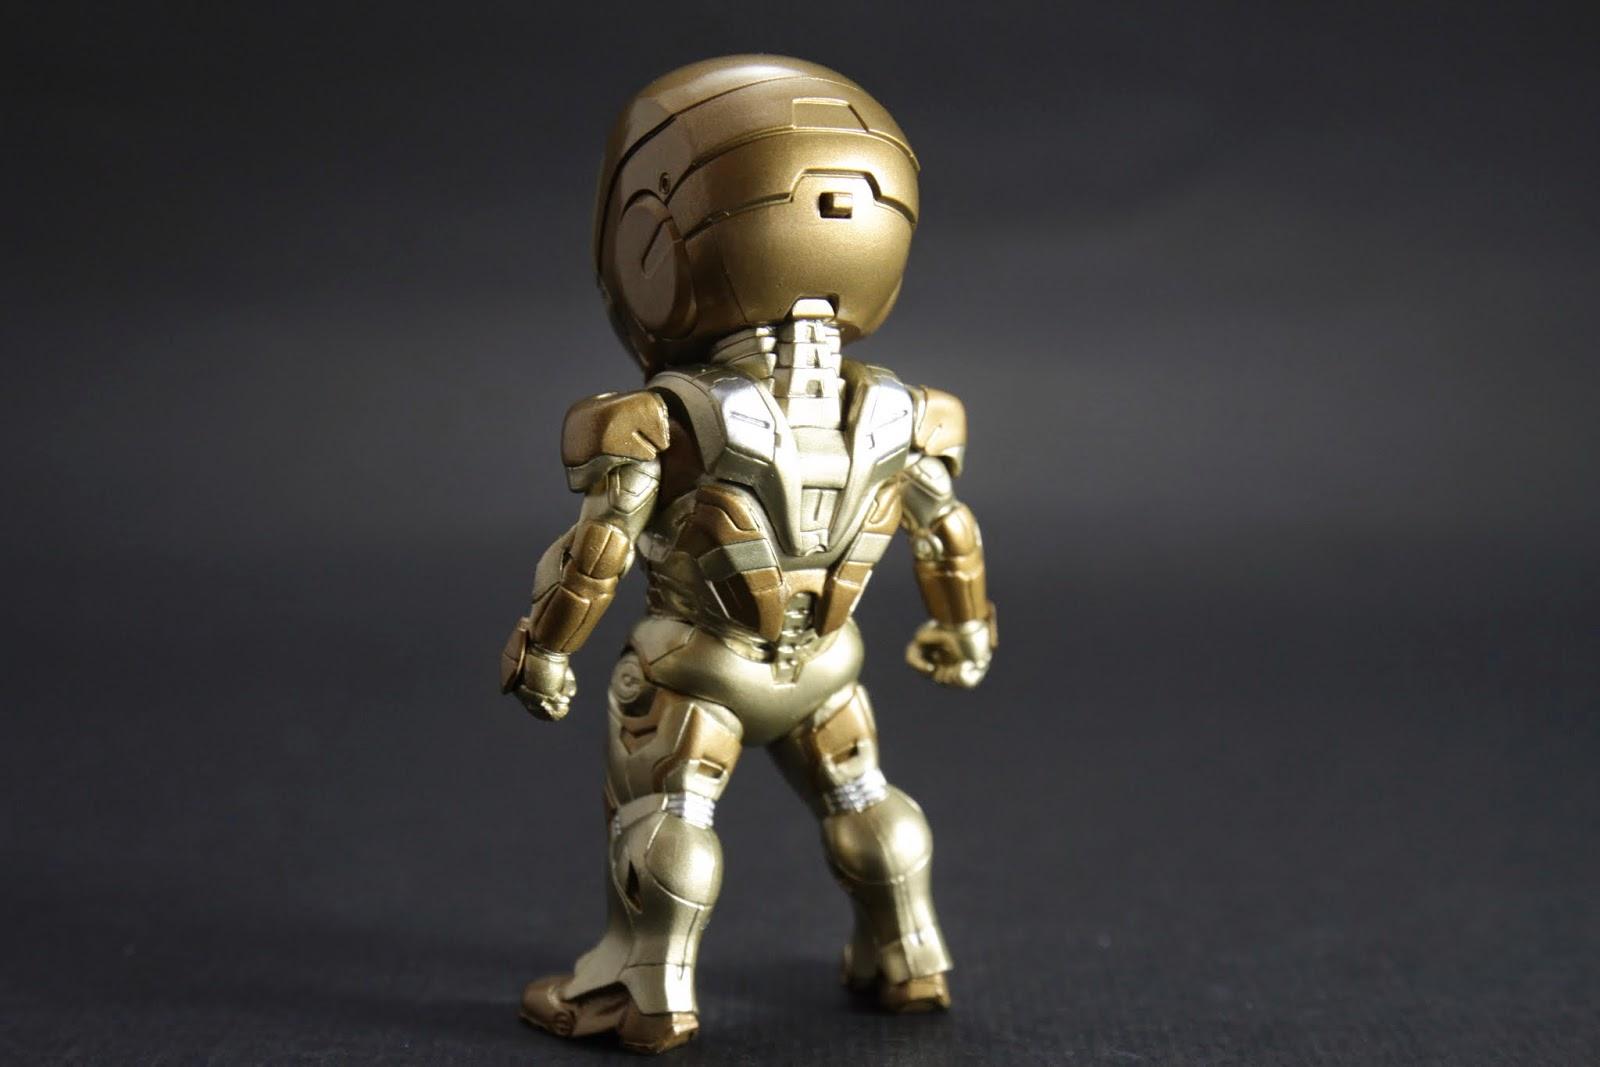 設定上是高海拔用的裝甲 但為啥要金色不知道